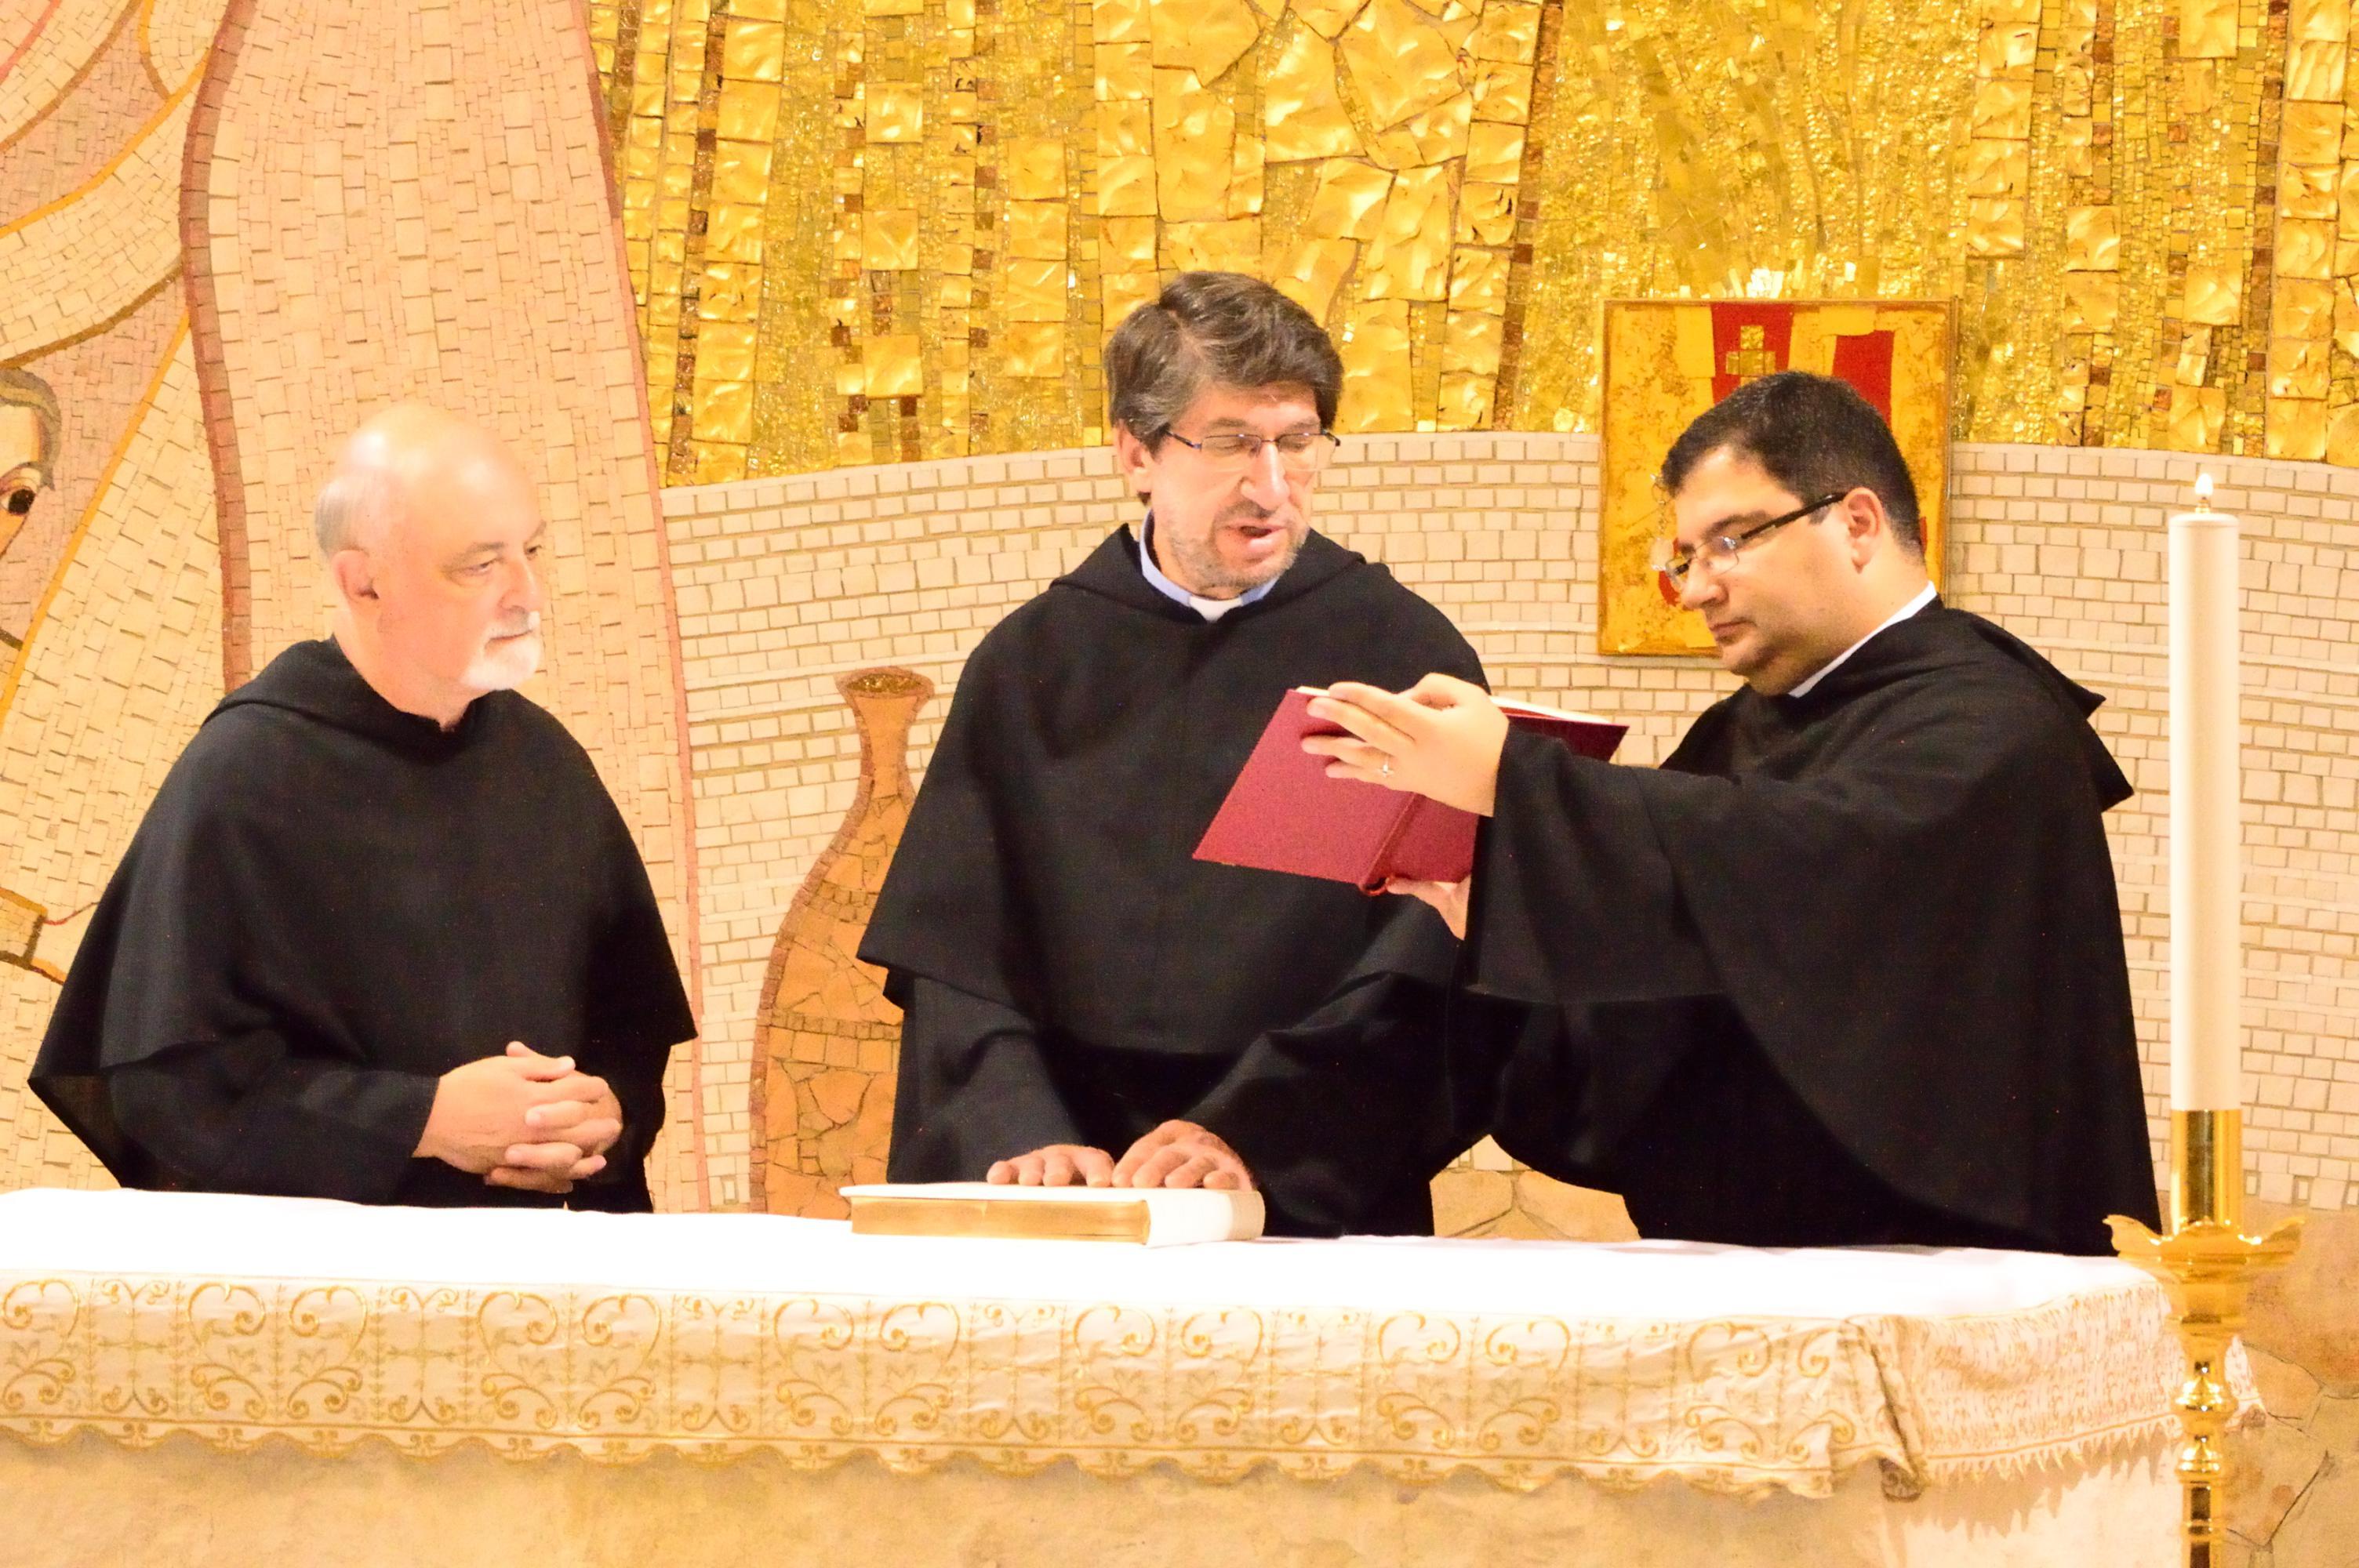 Padre Alejandro Moral mentre fa la professione di fede di fronte al CApitolo che lo ha appena eletto